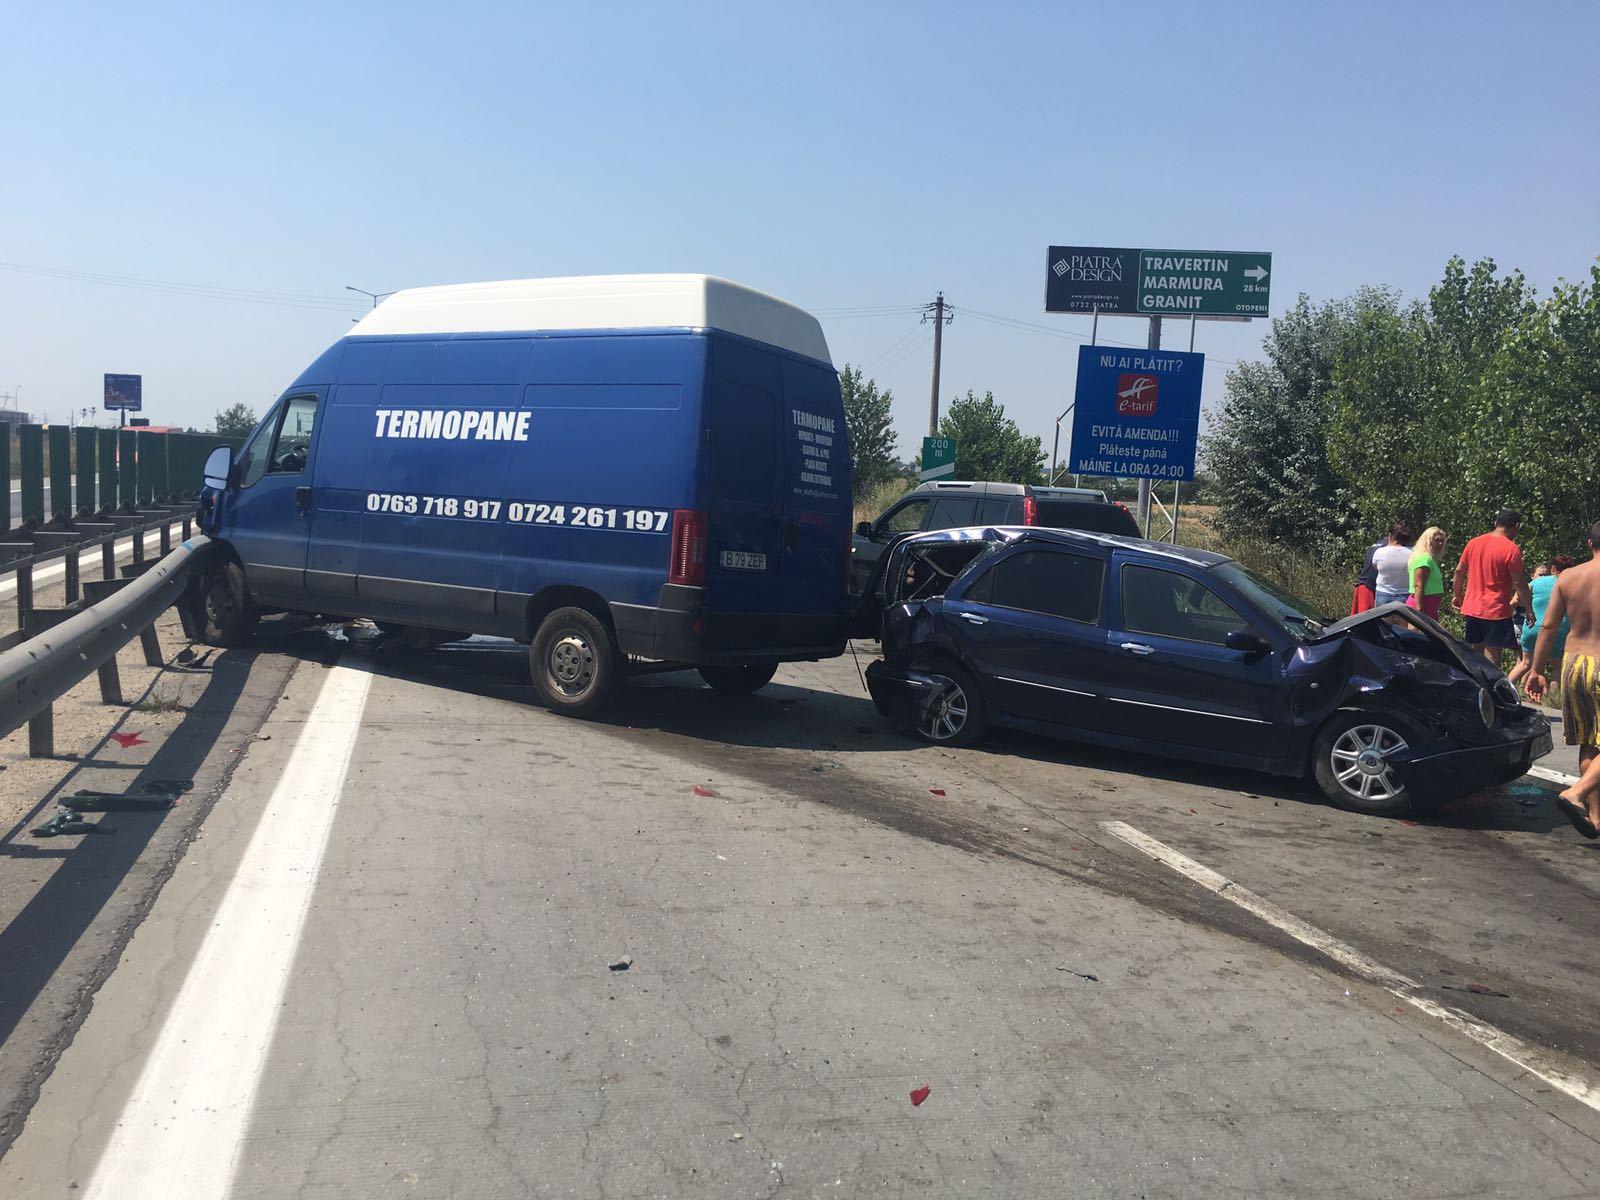 FOTO | Trafic blocat pe Autostrada Soarelui, din cauza unui accident în care au fost implicate patru maşini